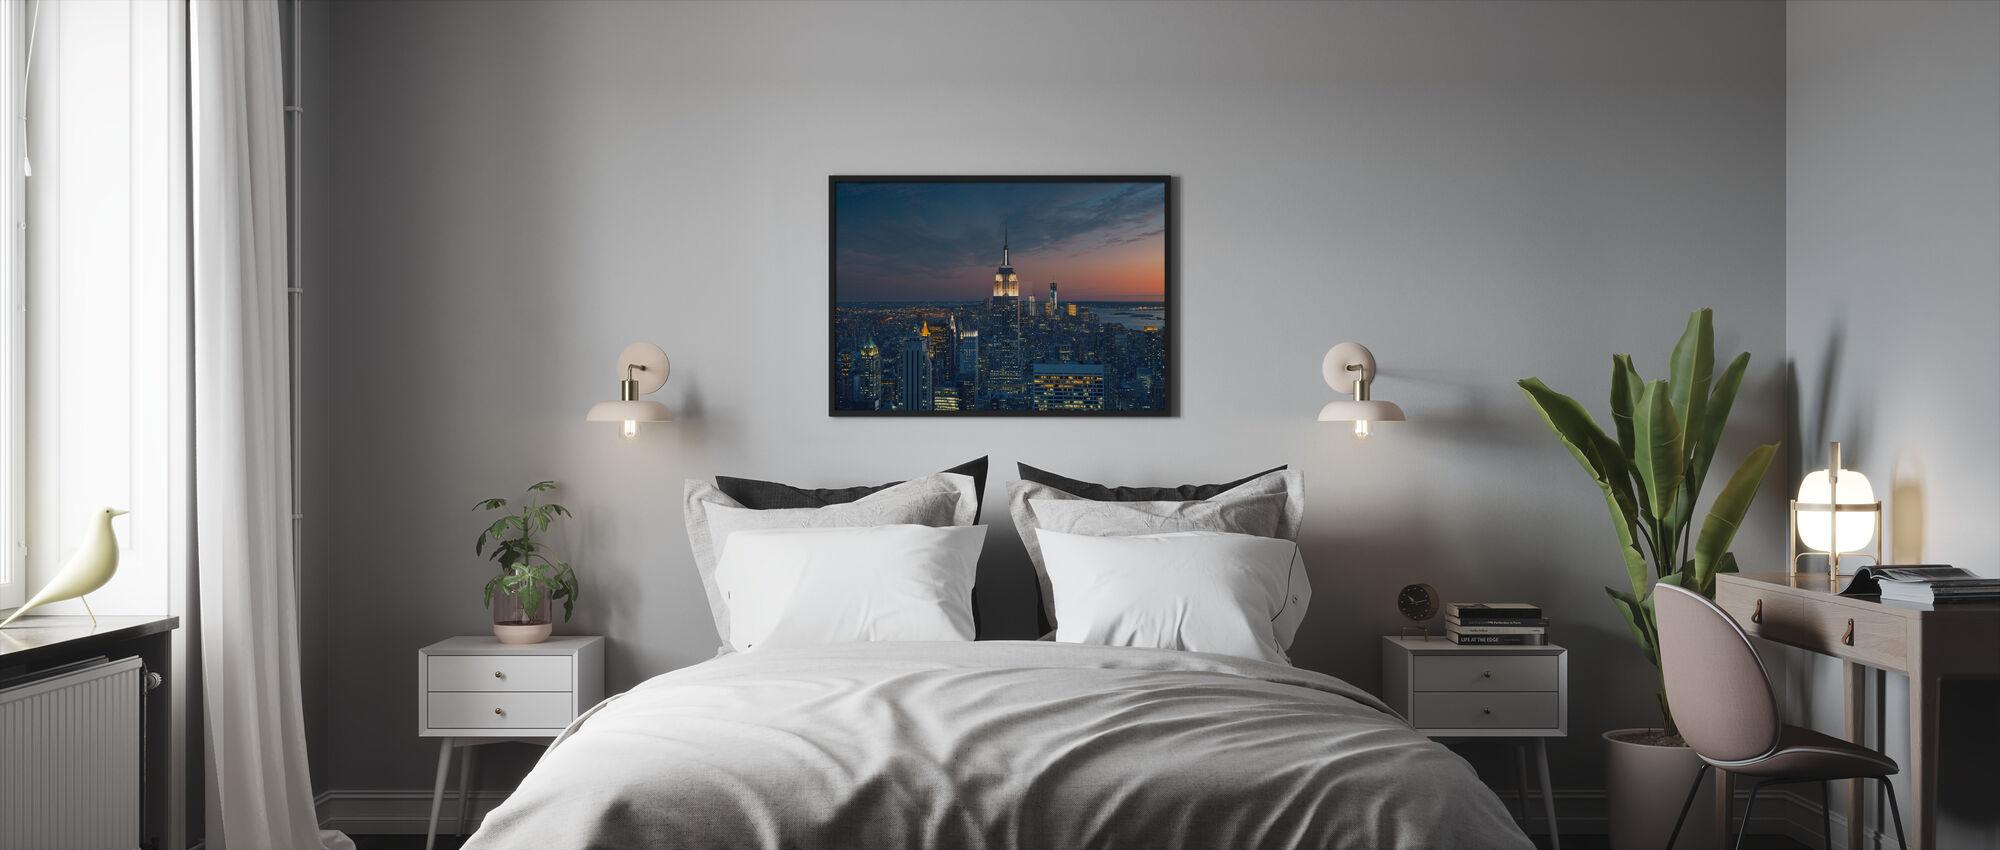 Ilmakuva Manhattanista Sunset - Kehystetty kuva - Makuuhuone